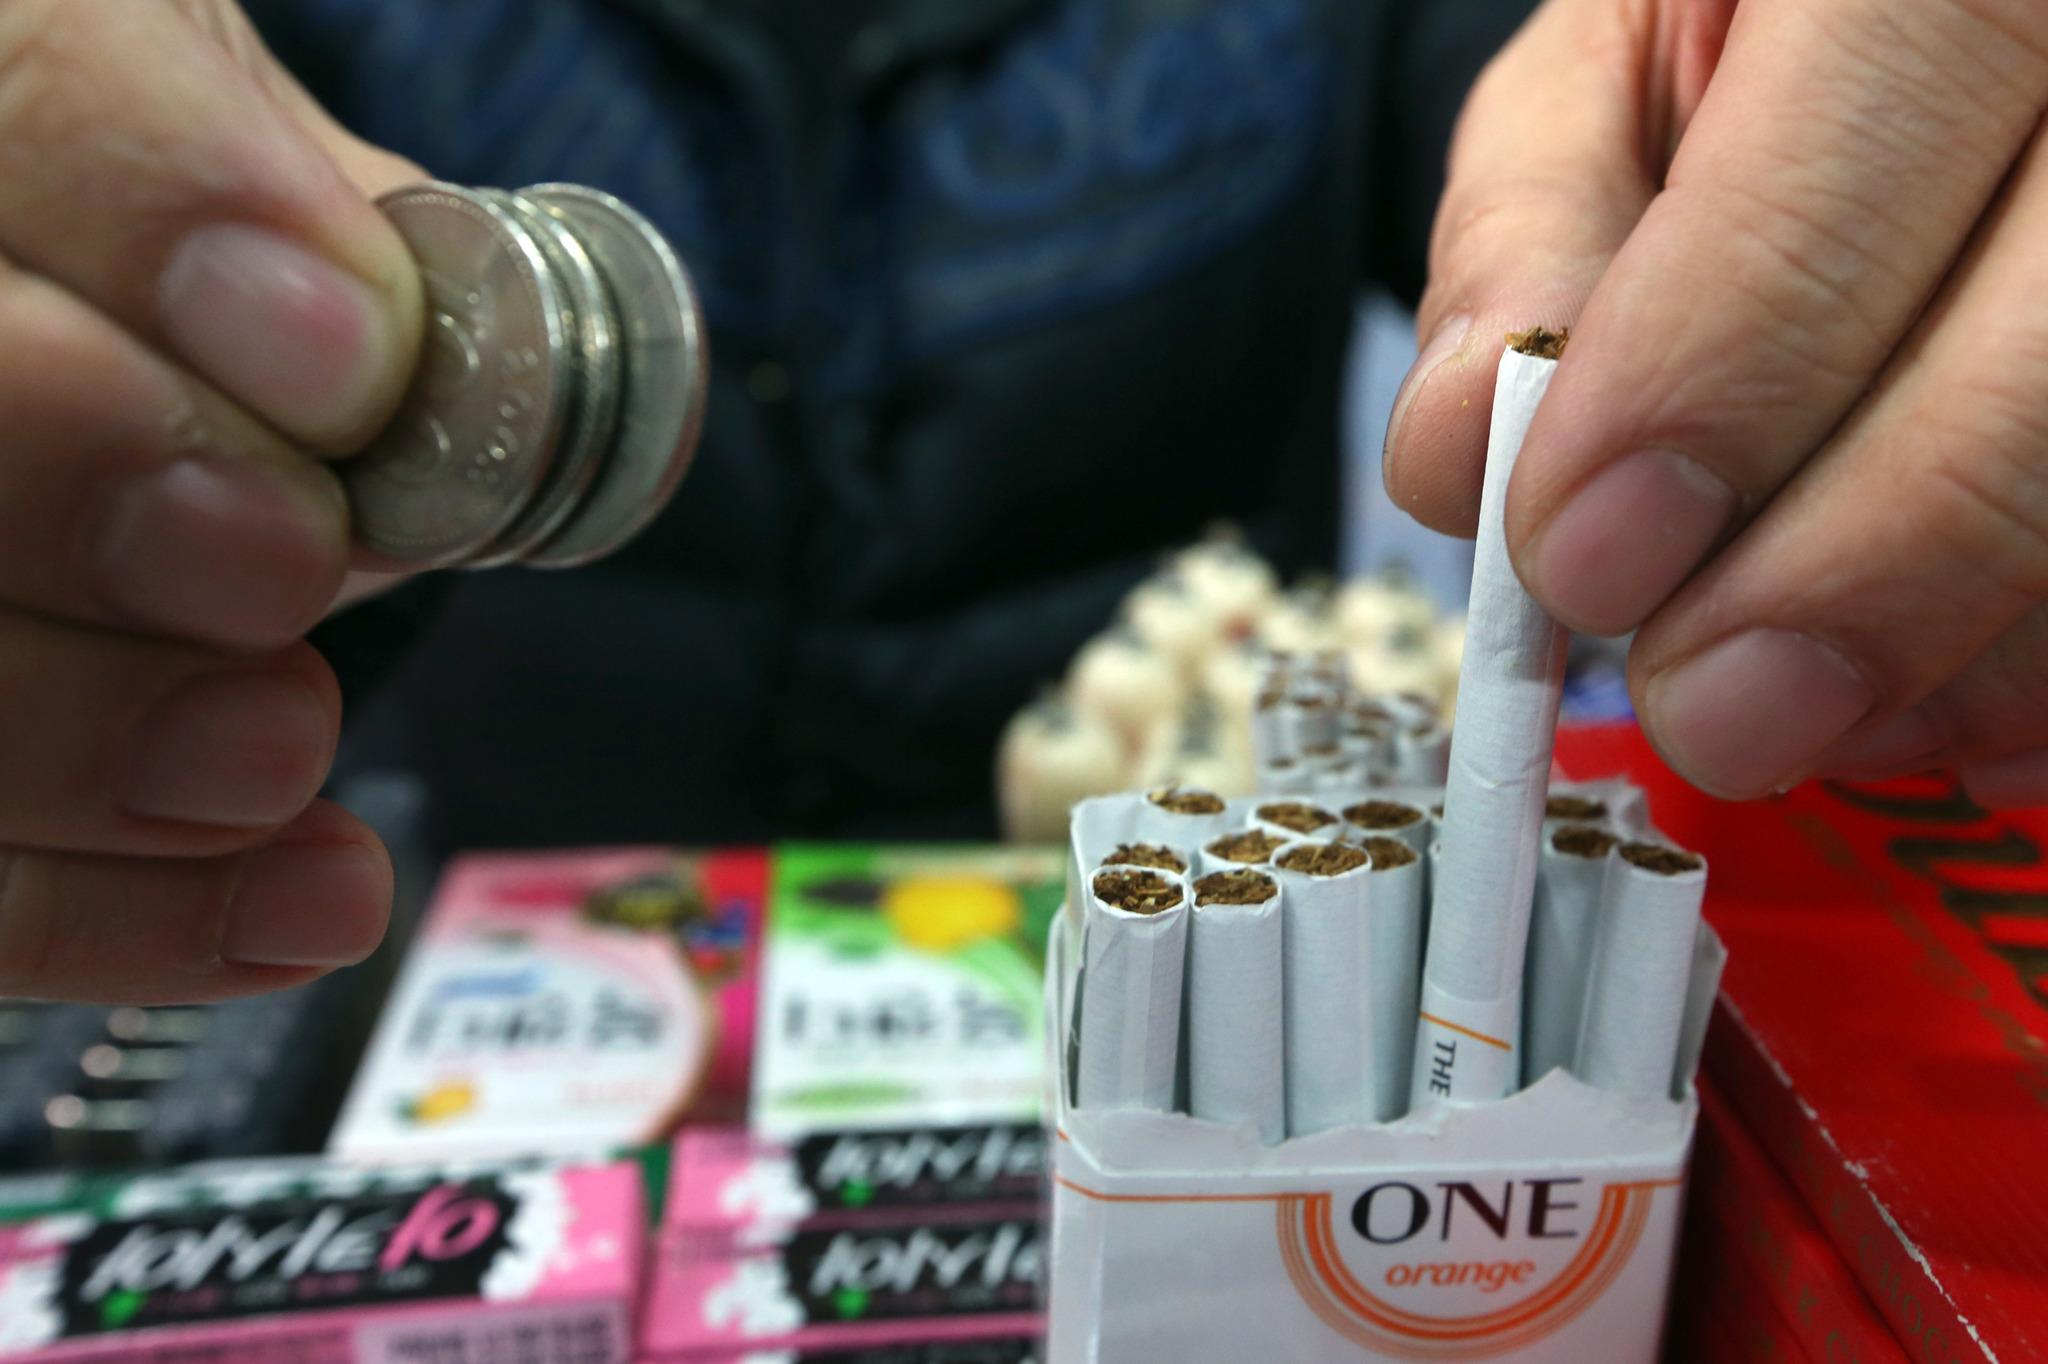 2015년 당시 담뱃값 인상으로 가판대에서 개비 담배 판매가 늘었다. 1개 300원.중앙포토